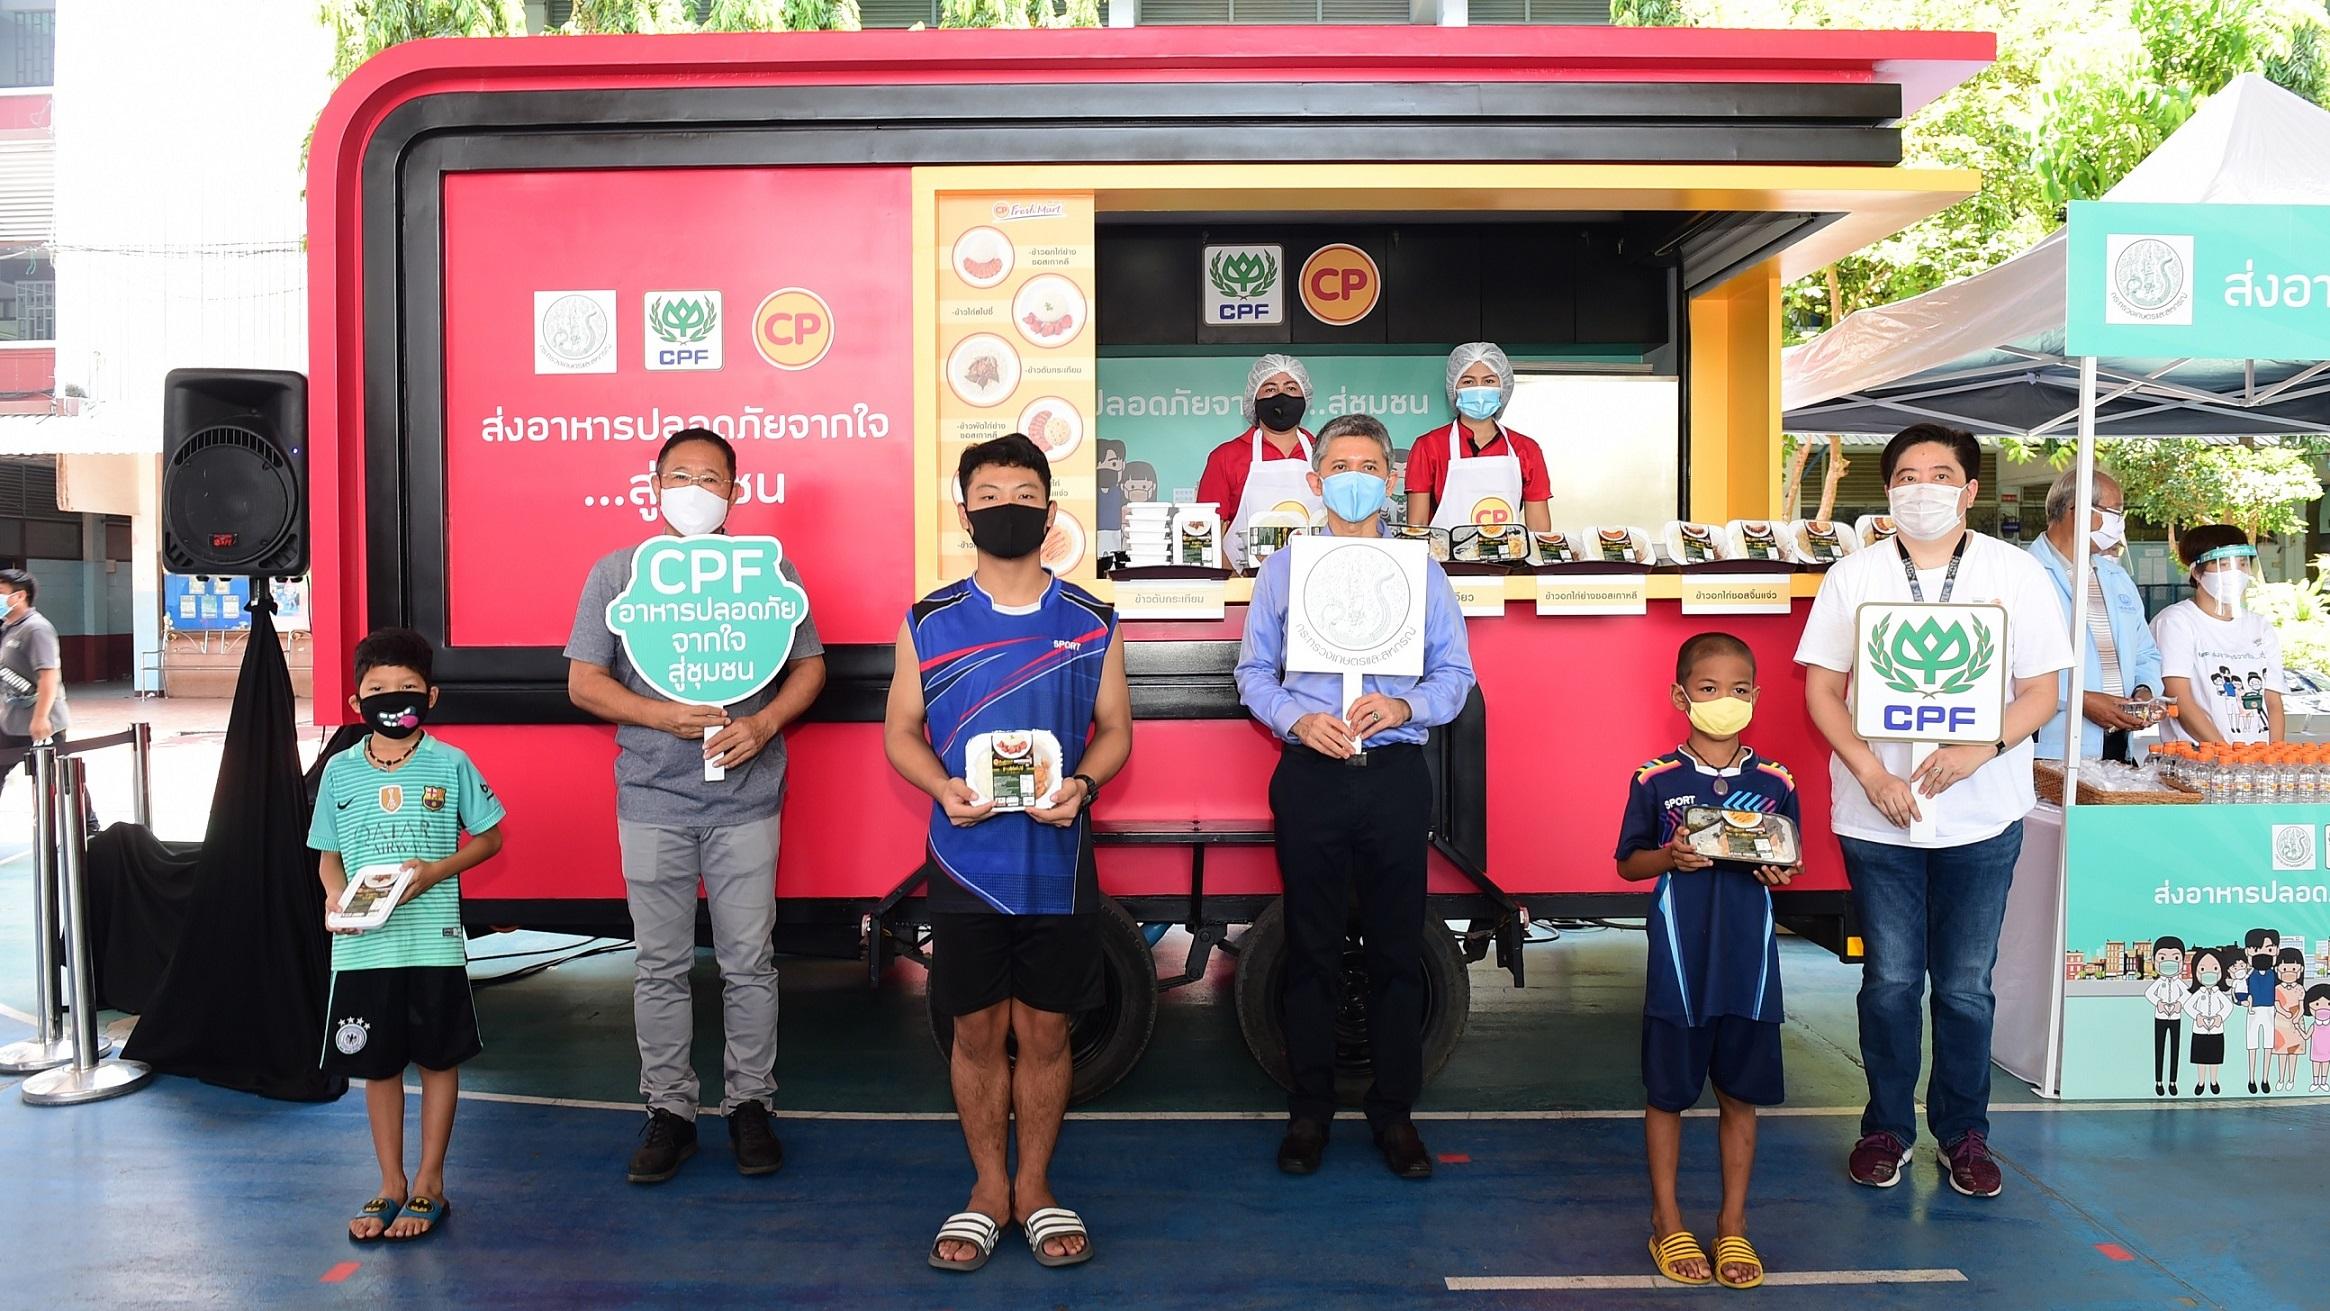 ก.เกษตร - ซีพีเอฟ เดินหน้า ส่งรถ Food Truck เสิร์ฟอาหารอุ่นร้อนชาวชุมชนบางกอกน้อยได้อิ่มท้อง ร่วมใจสู้ภัยโควิด19